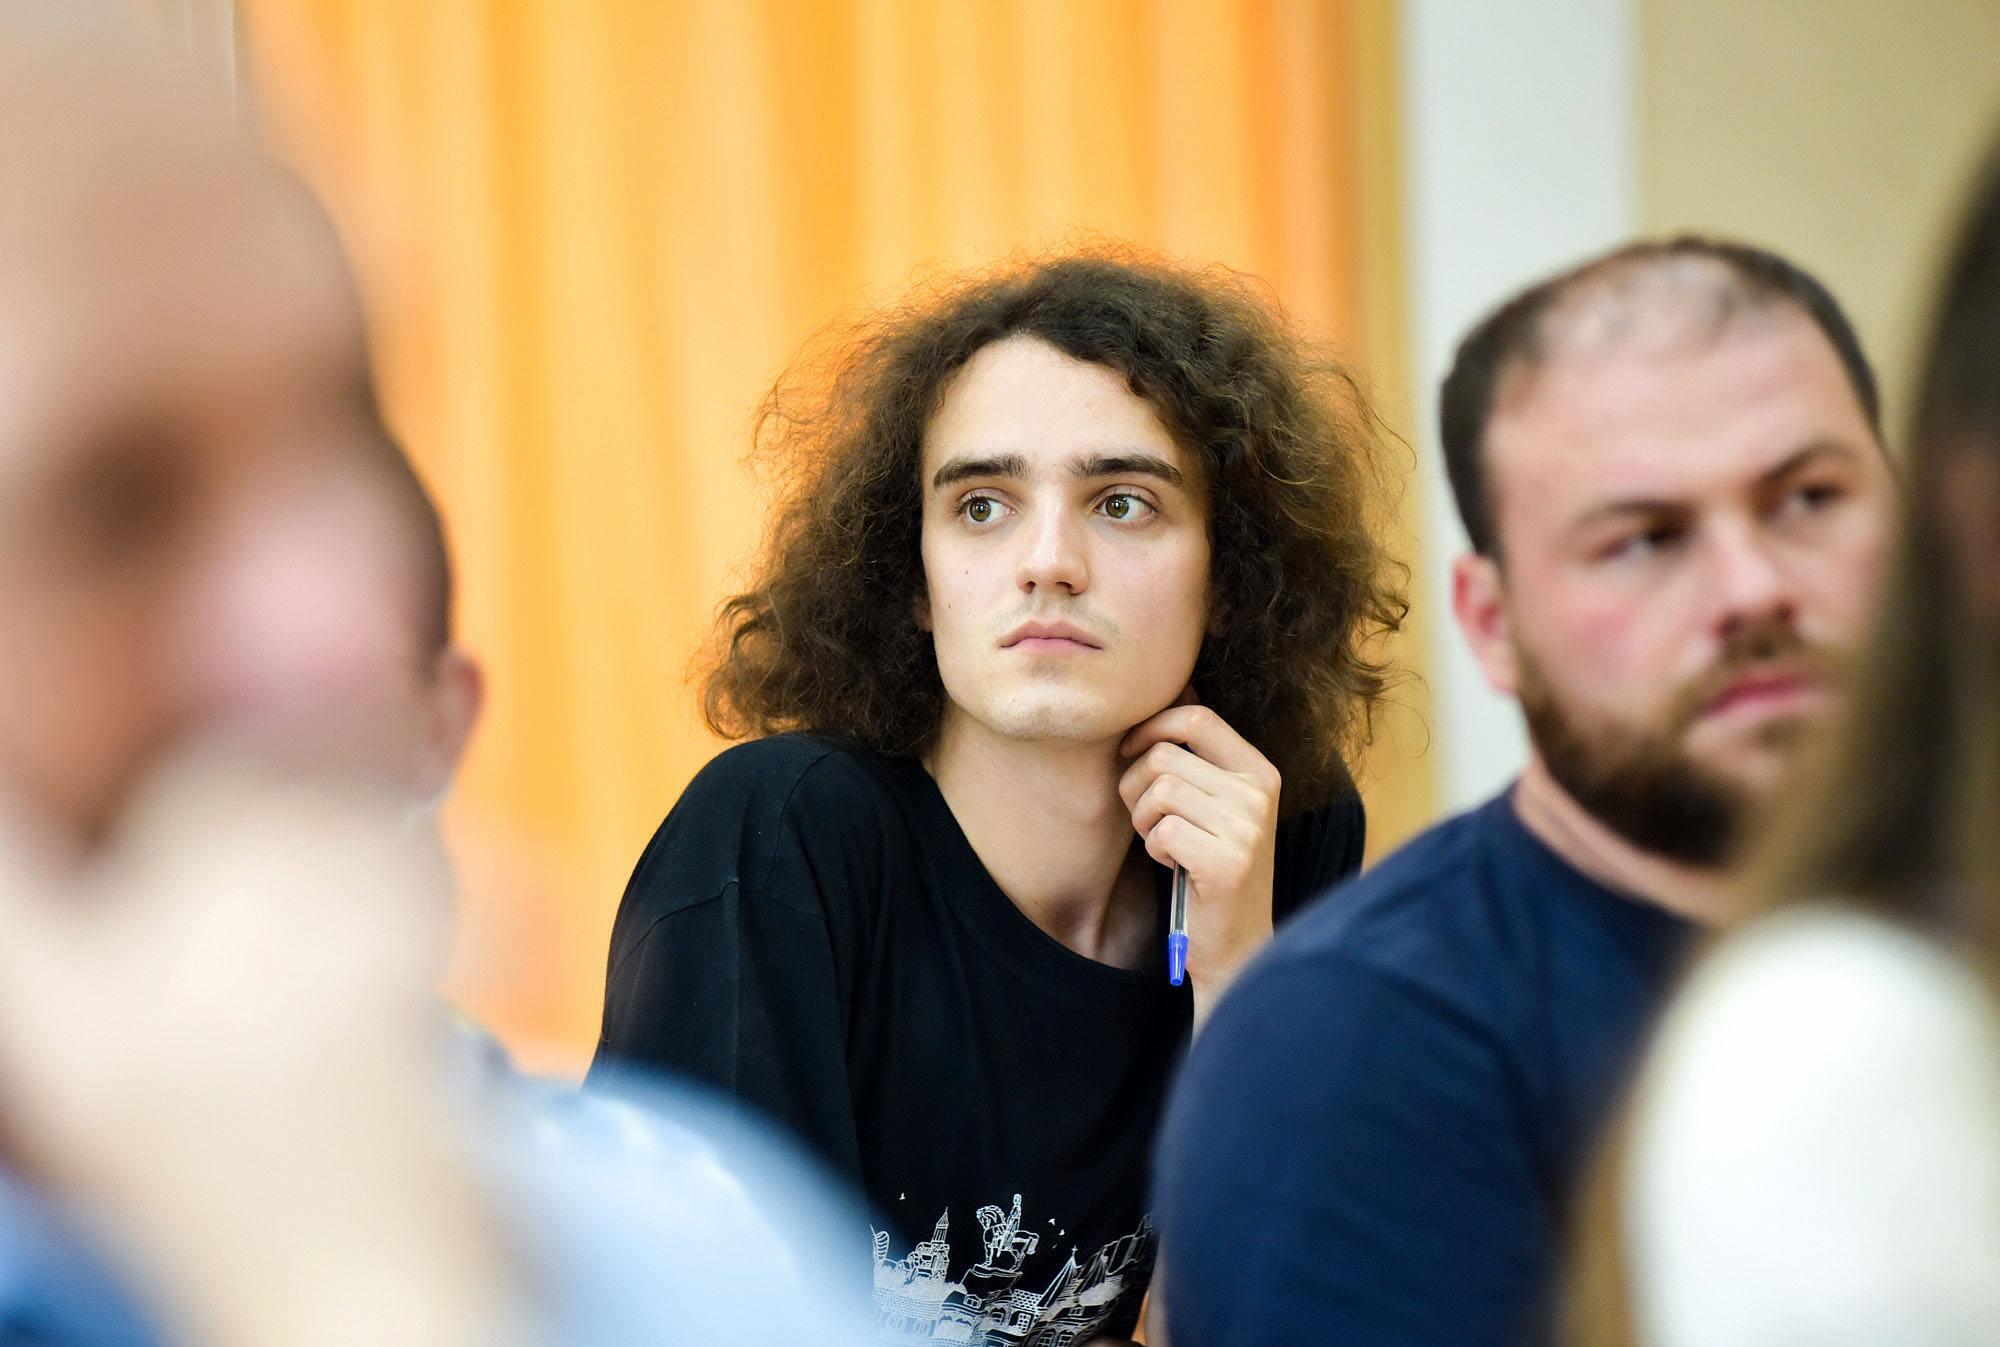 Андрей Строцев, магистрант программы «Социология религии» парижской Высшей школы социальных наук (L'EHESS)